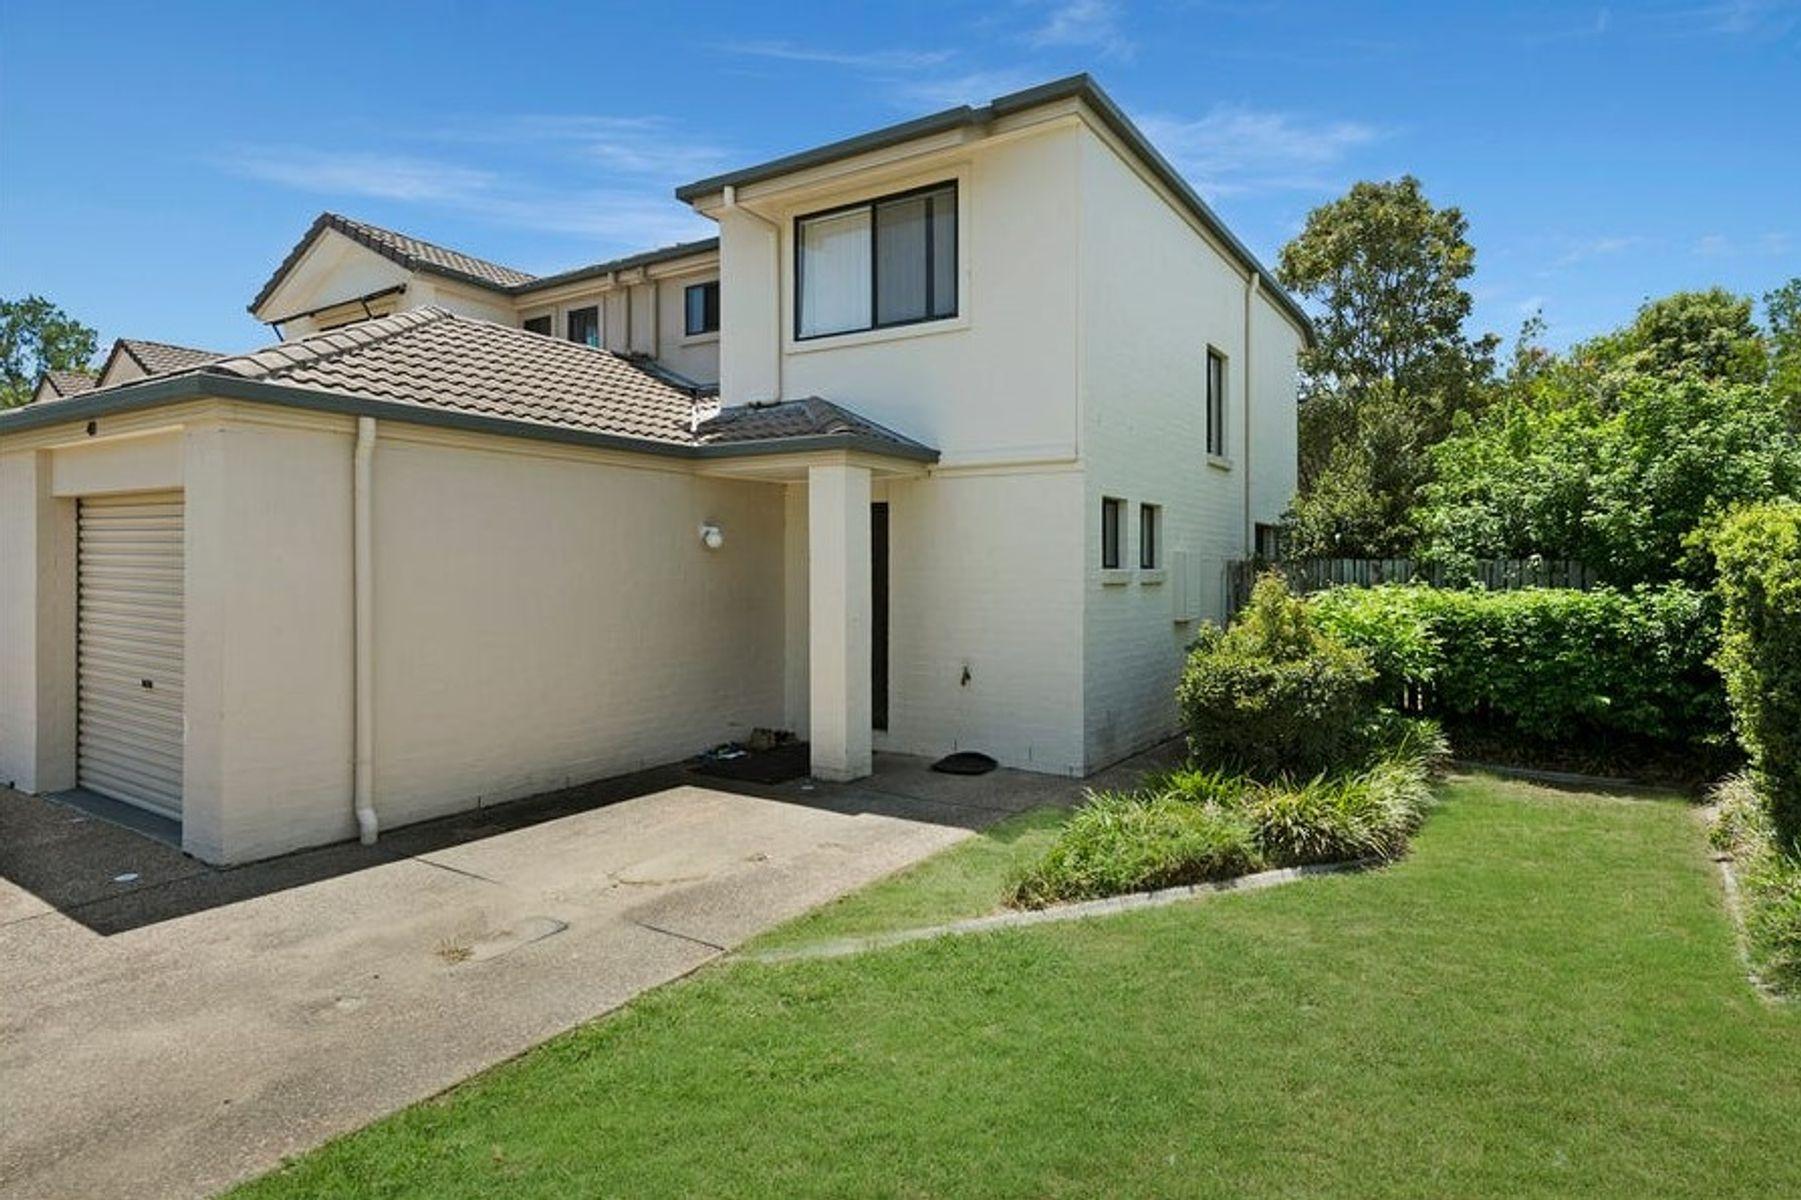 40/60 Beattie Road, Upper Coomera, QLD 4209